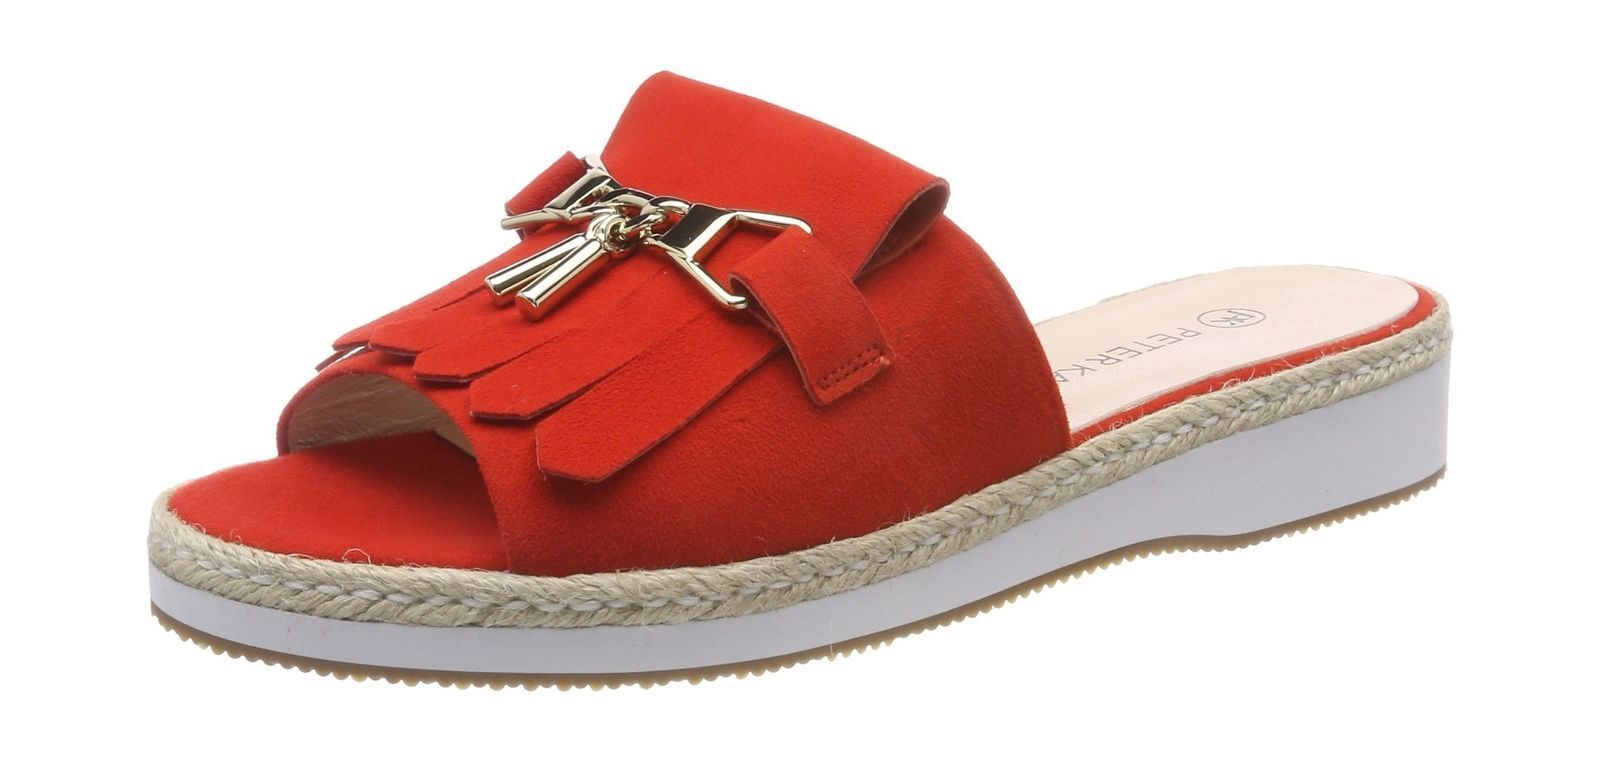 Women's Peter Kaiser Riara Red Suede Open Toe Sandals UK 8.5 EU 42.5